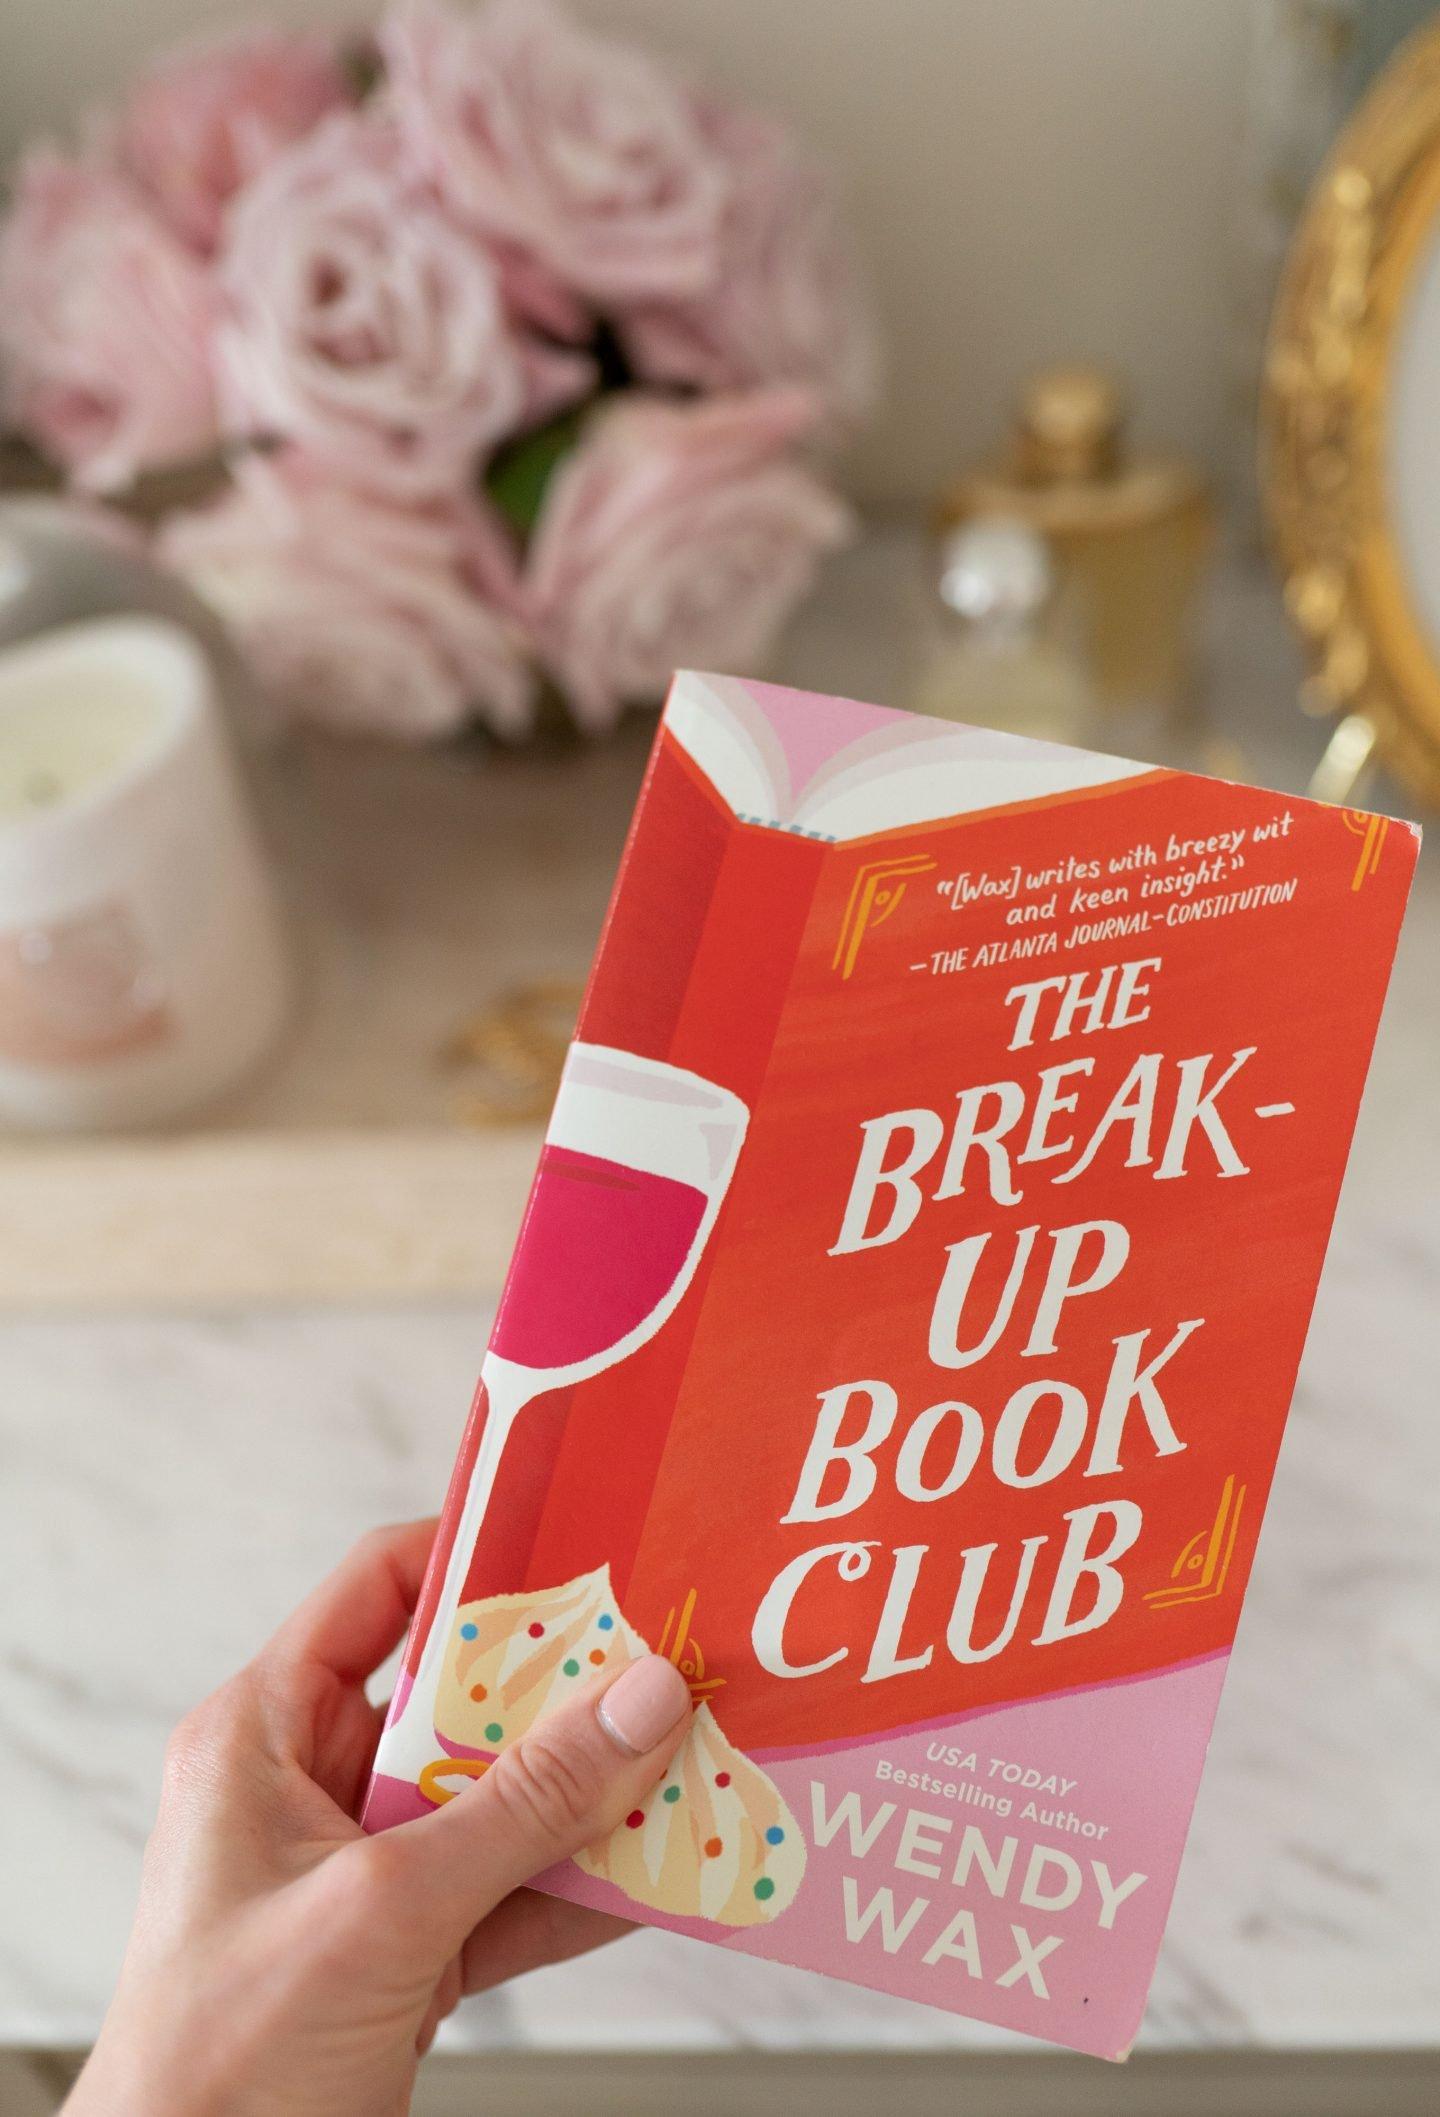 Discussion: The Break-Up Book Club